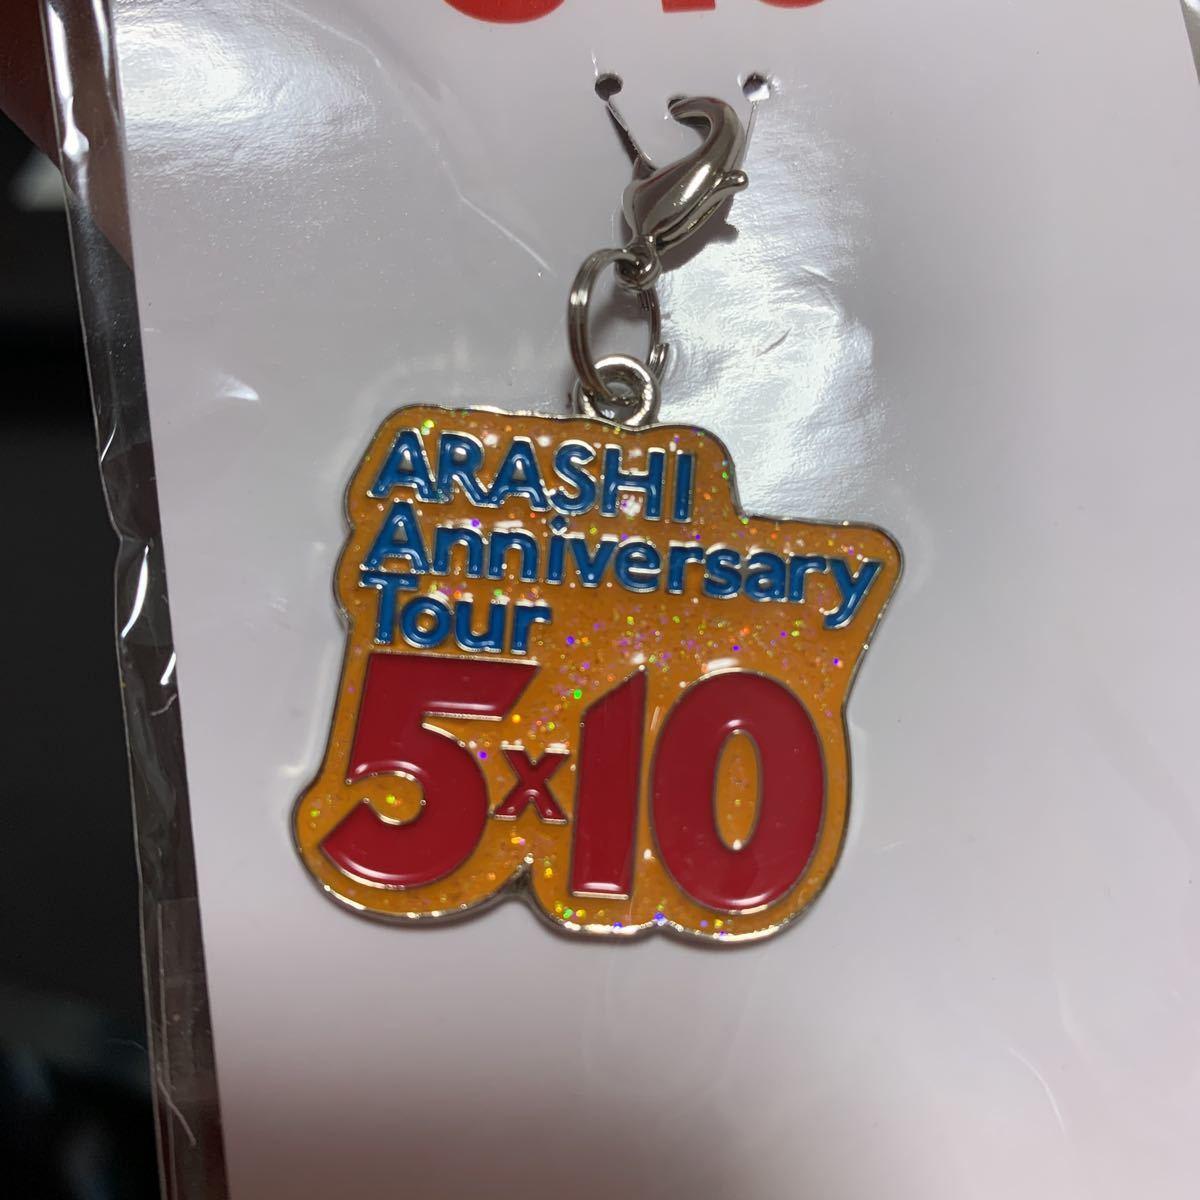 嵐 ARASHI Anniversary Tour 5×10 会場限定チャーム 名古屋ドーム オレンジ色 新品未開封 送料無料 10周年コンサートライブグッズ 2009年